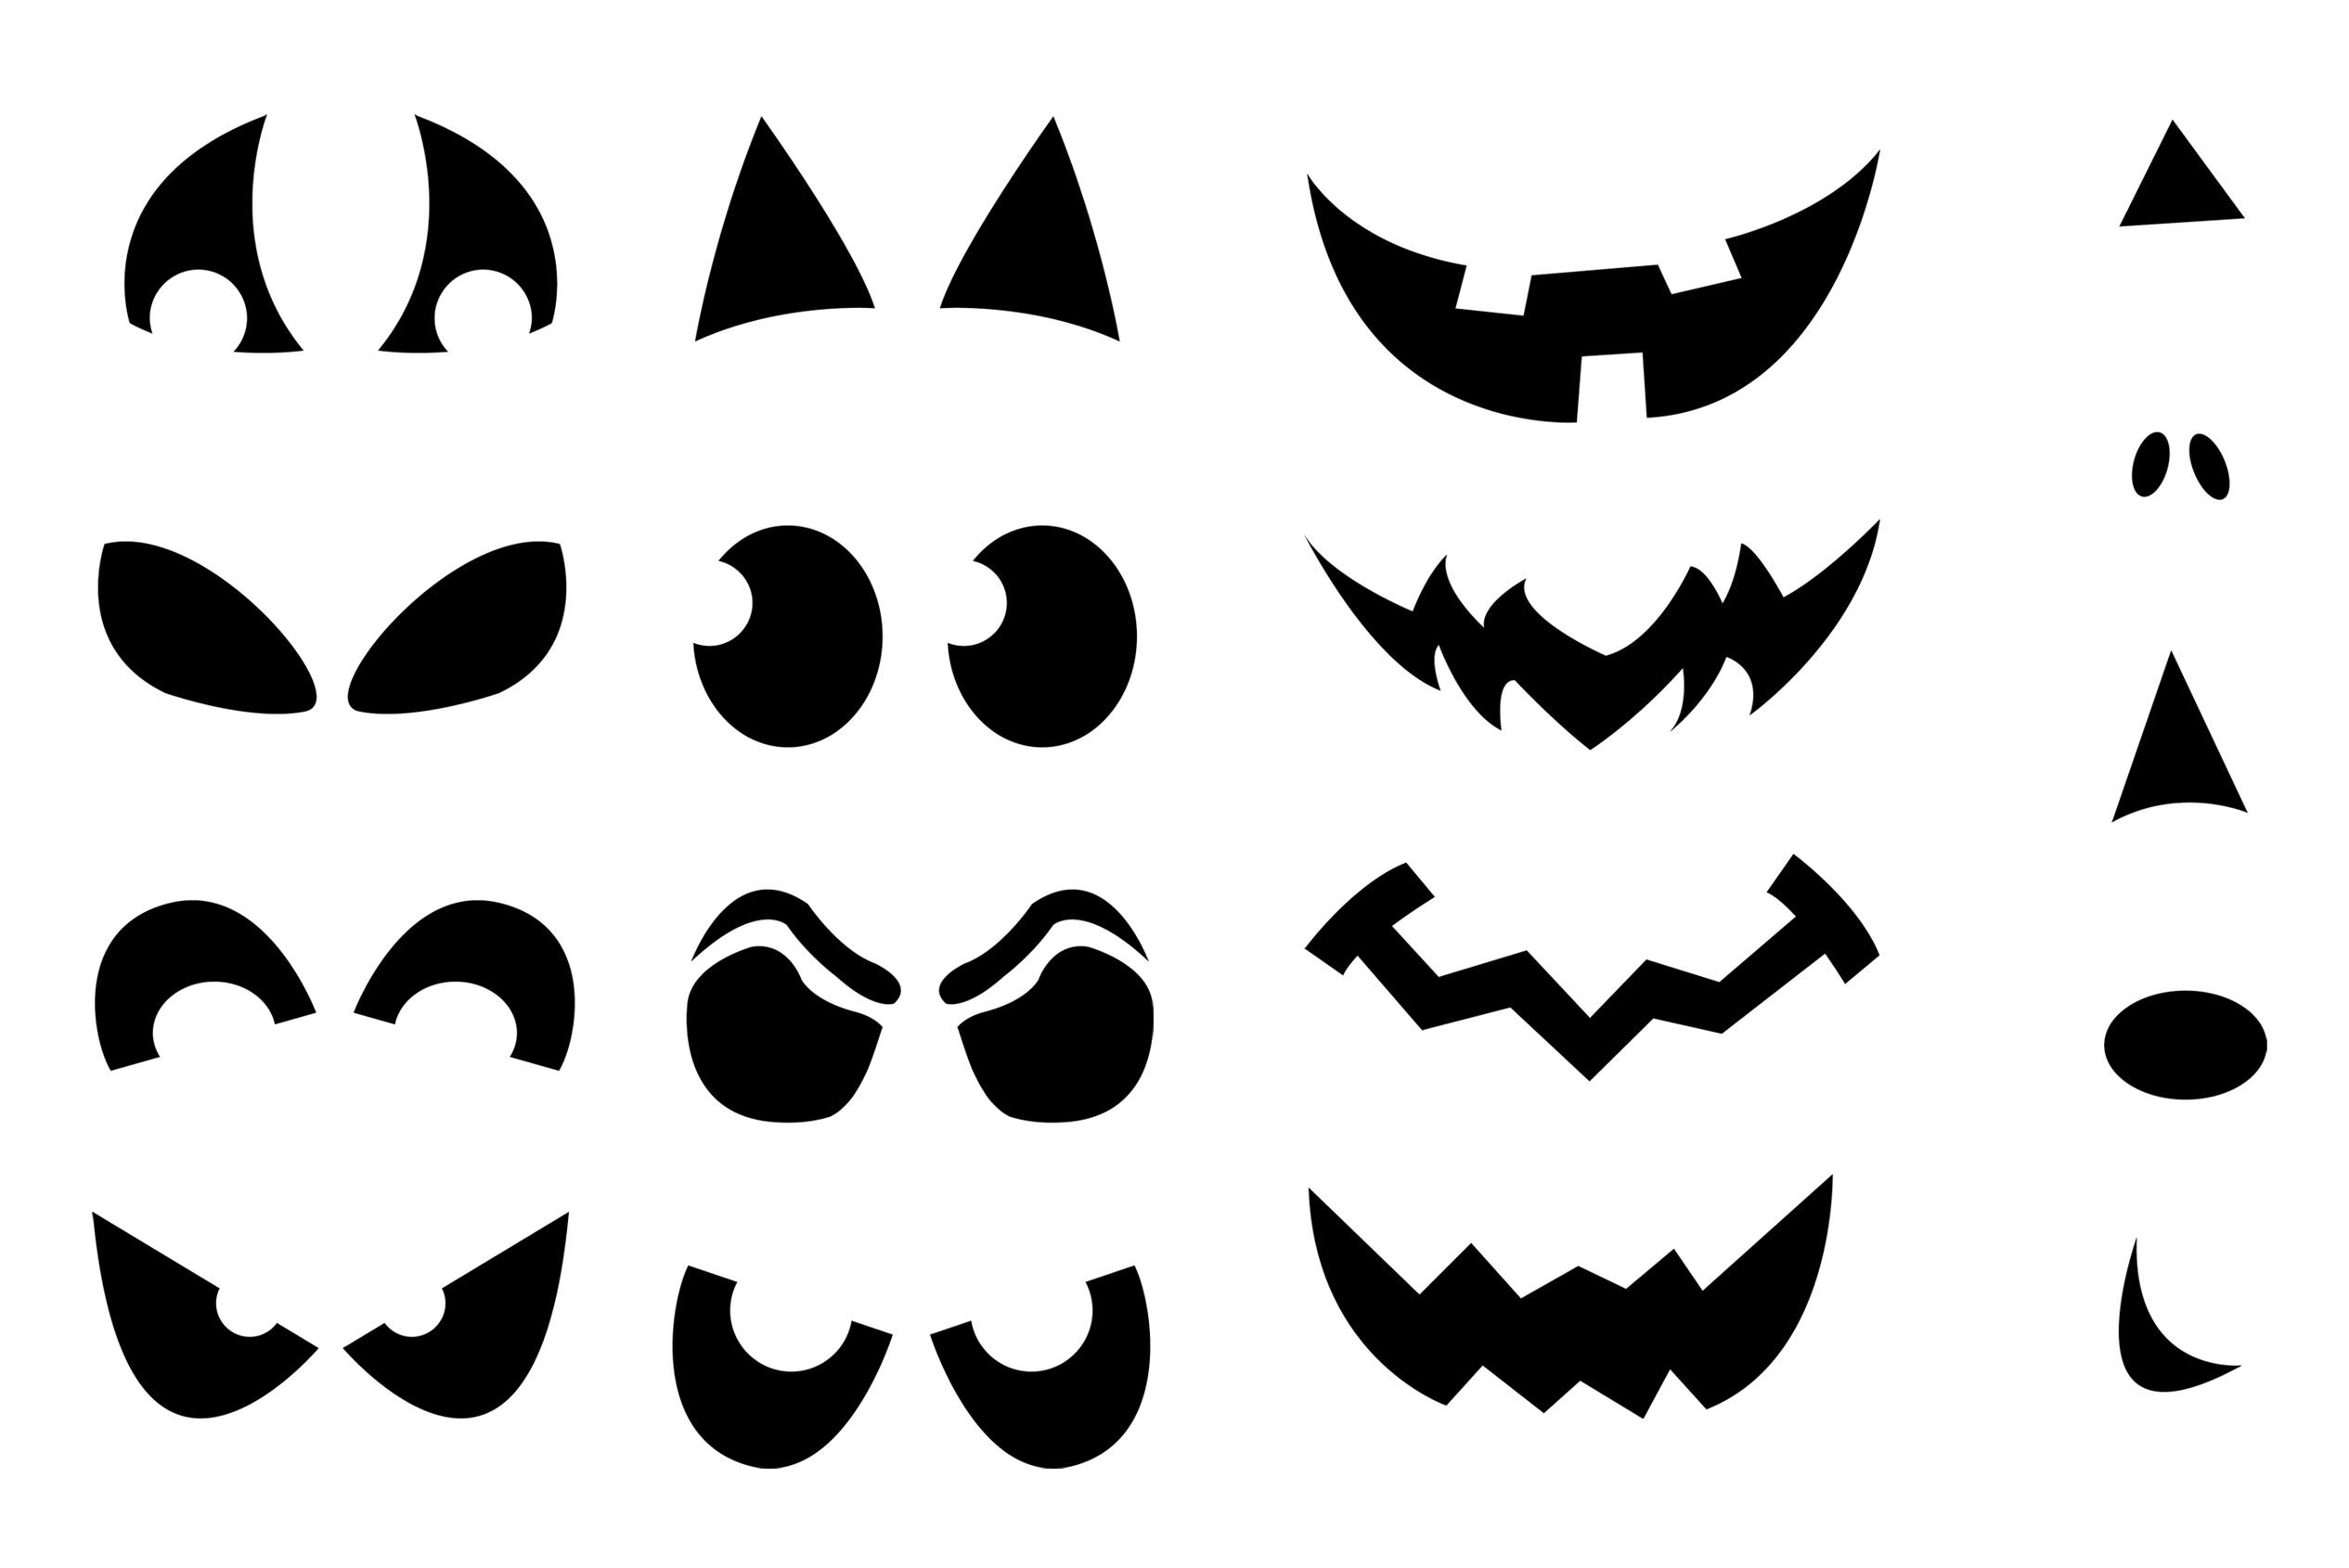 Jack-O'-Lantern Shirt Stencils | Craft Buds - Jack O Lantern Patterns Free Printable